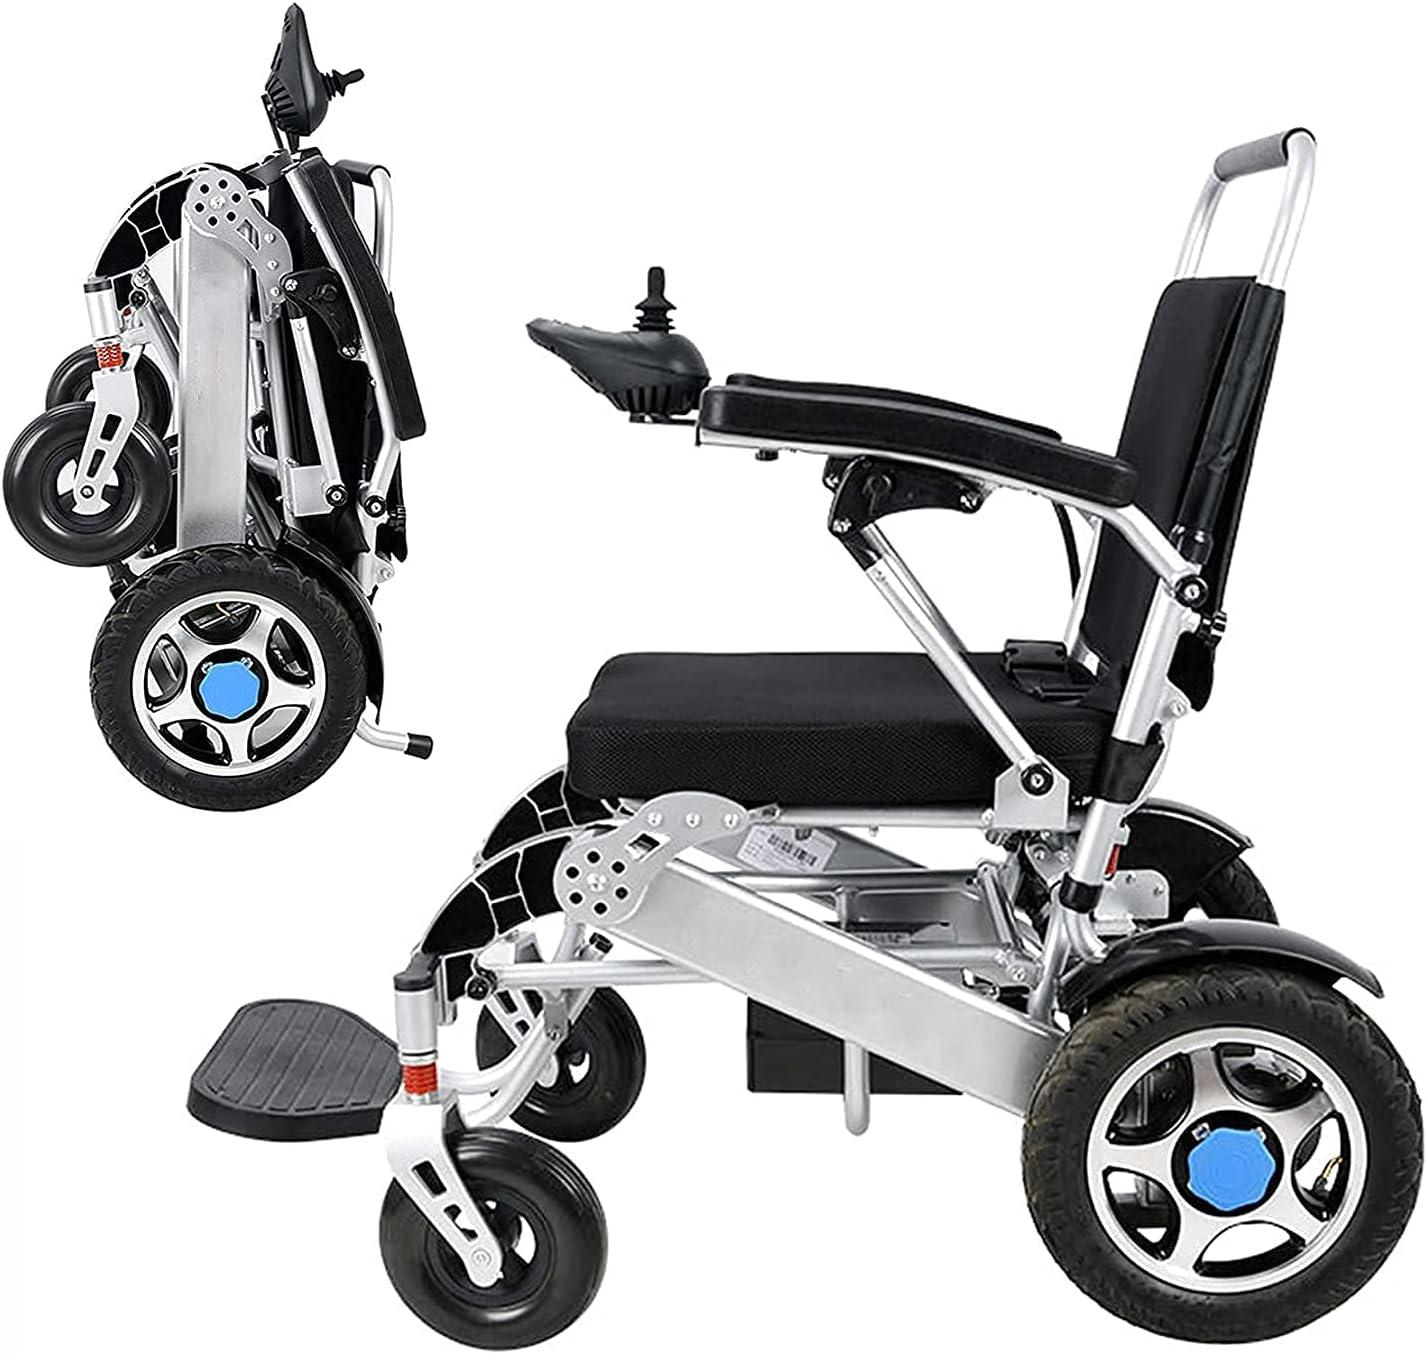 Silla de ruedas eléctrica portátil plegable ligera y plegable Silla de ruedas de ayuda de movilidad compacta de lujo de motor dual potente, para personas mayores con discapacidades Batería de litio